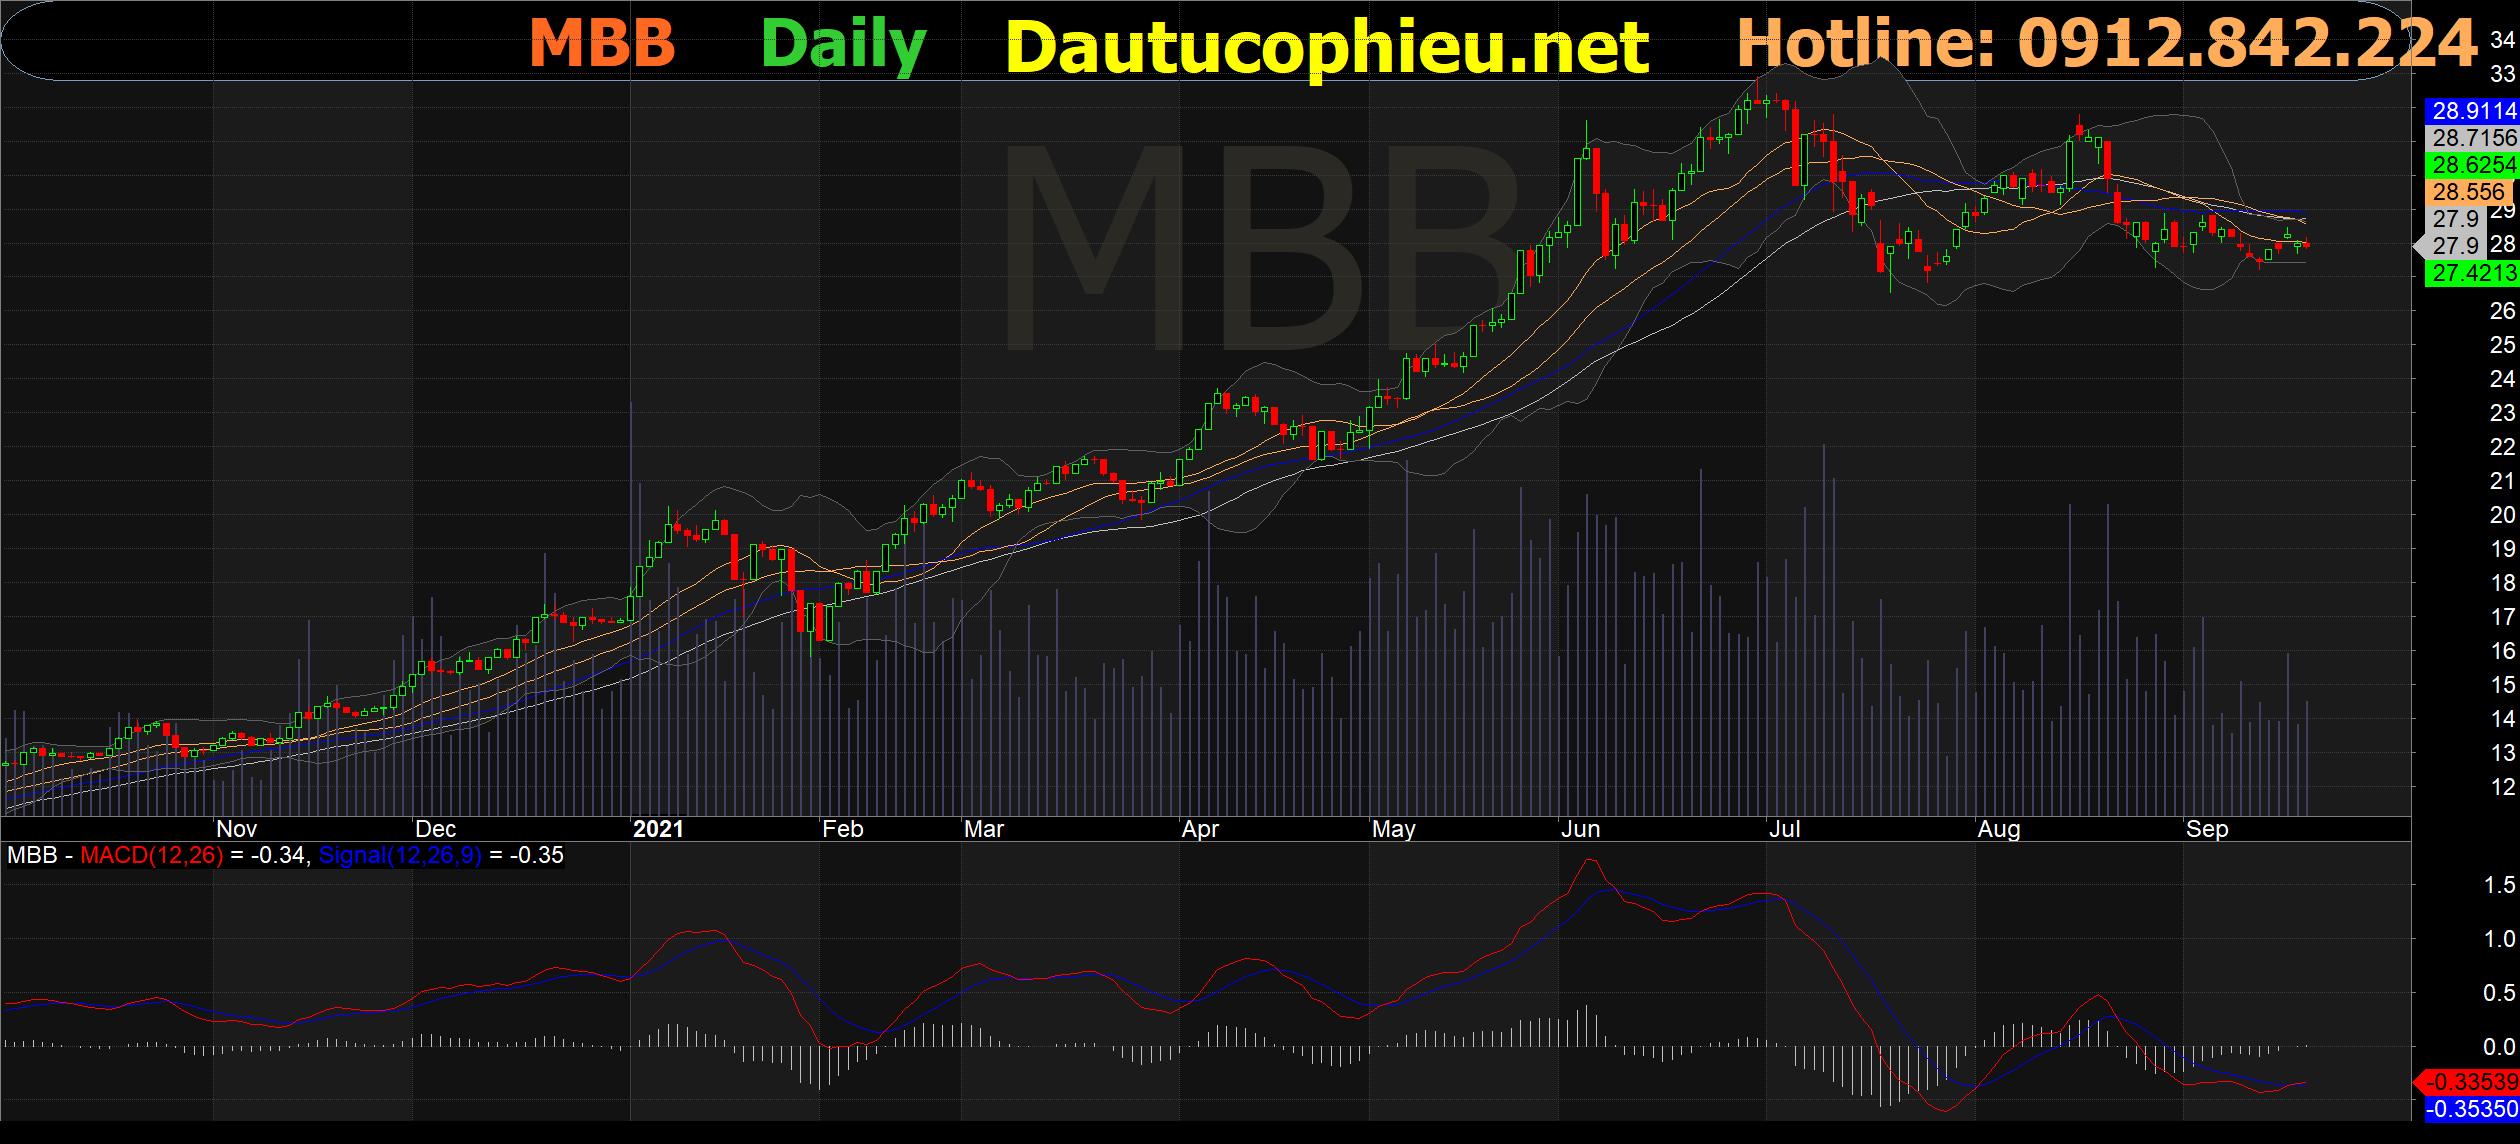 Đồ thị cổ phiếu MBB phiên giao dịch ngày 23/09/2021. Nguồn: AmiBroker